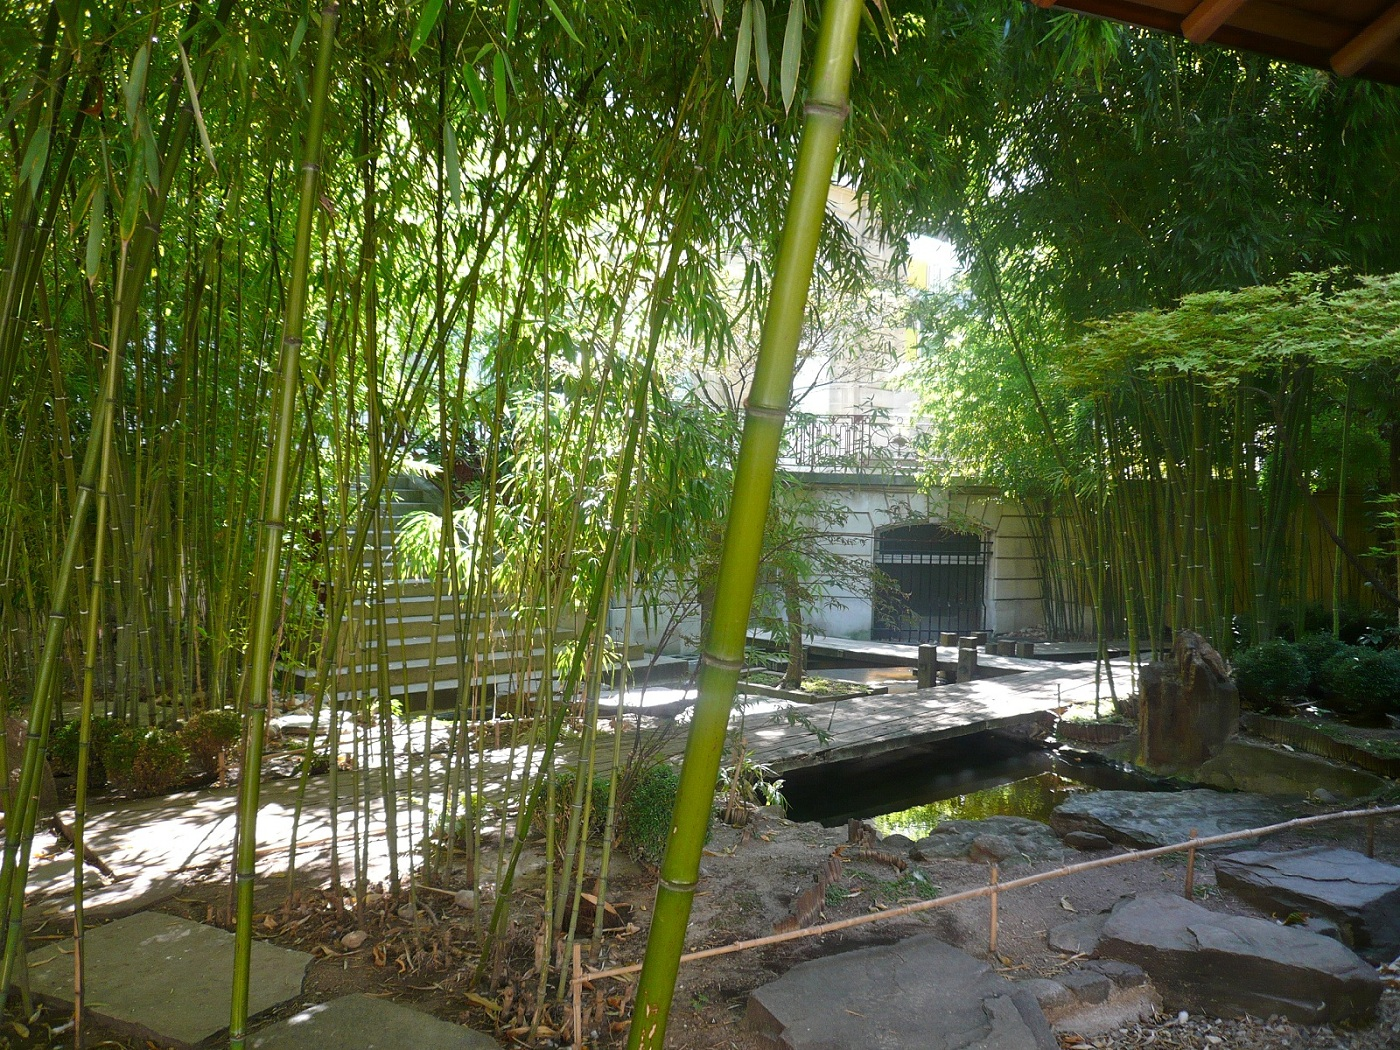 Secret garden paris france pantheon bouddhique bamboo garden - Les classiques du design ...